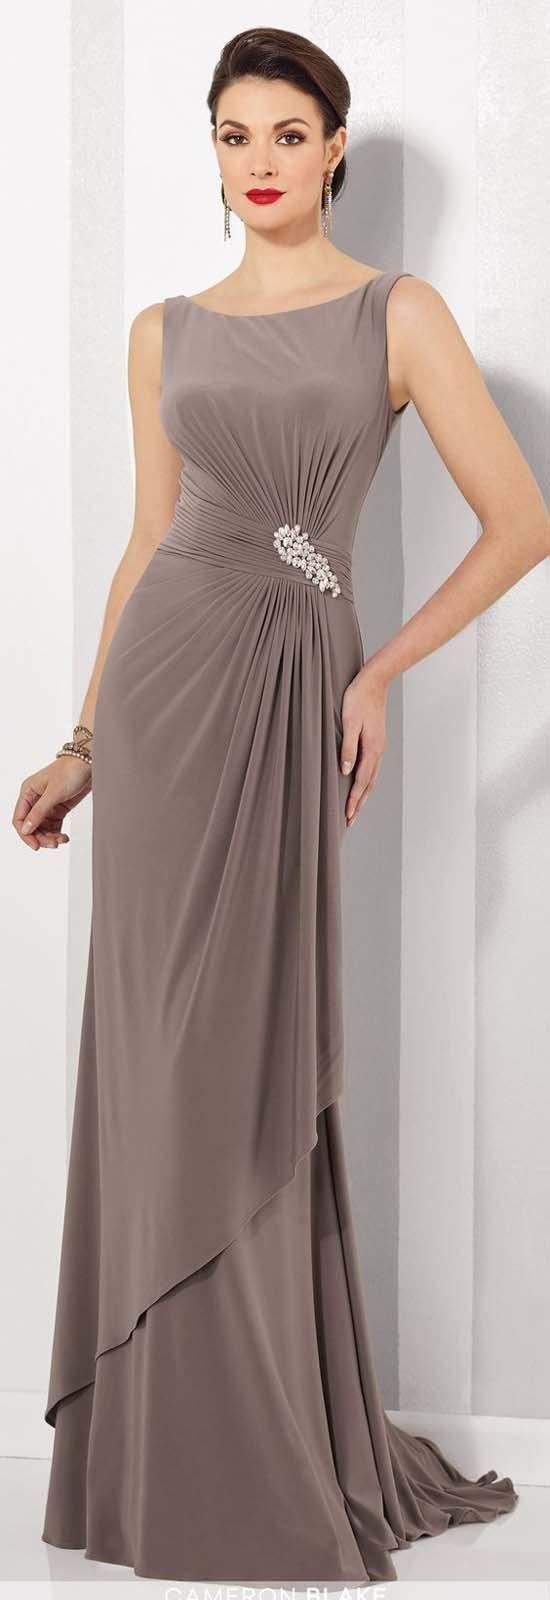 Uzun Abiye Elbise Modelleri Düğünlerin Vazgeçilmez Kıyafetleri Vizon Uzun Kolsuz Belinde Taş İşlemeli